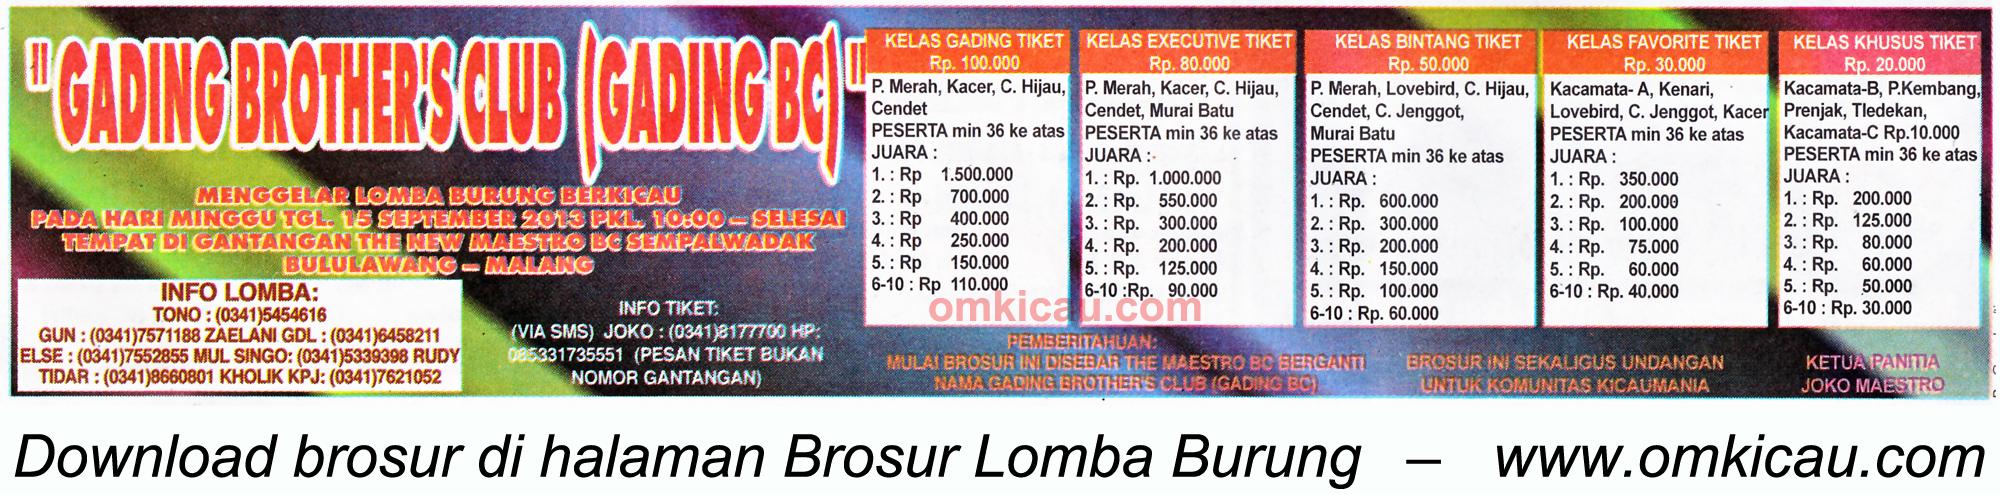 Brosur Lomba Burung Gading BC Malang 15 Sept 2013